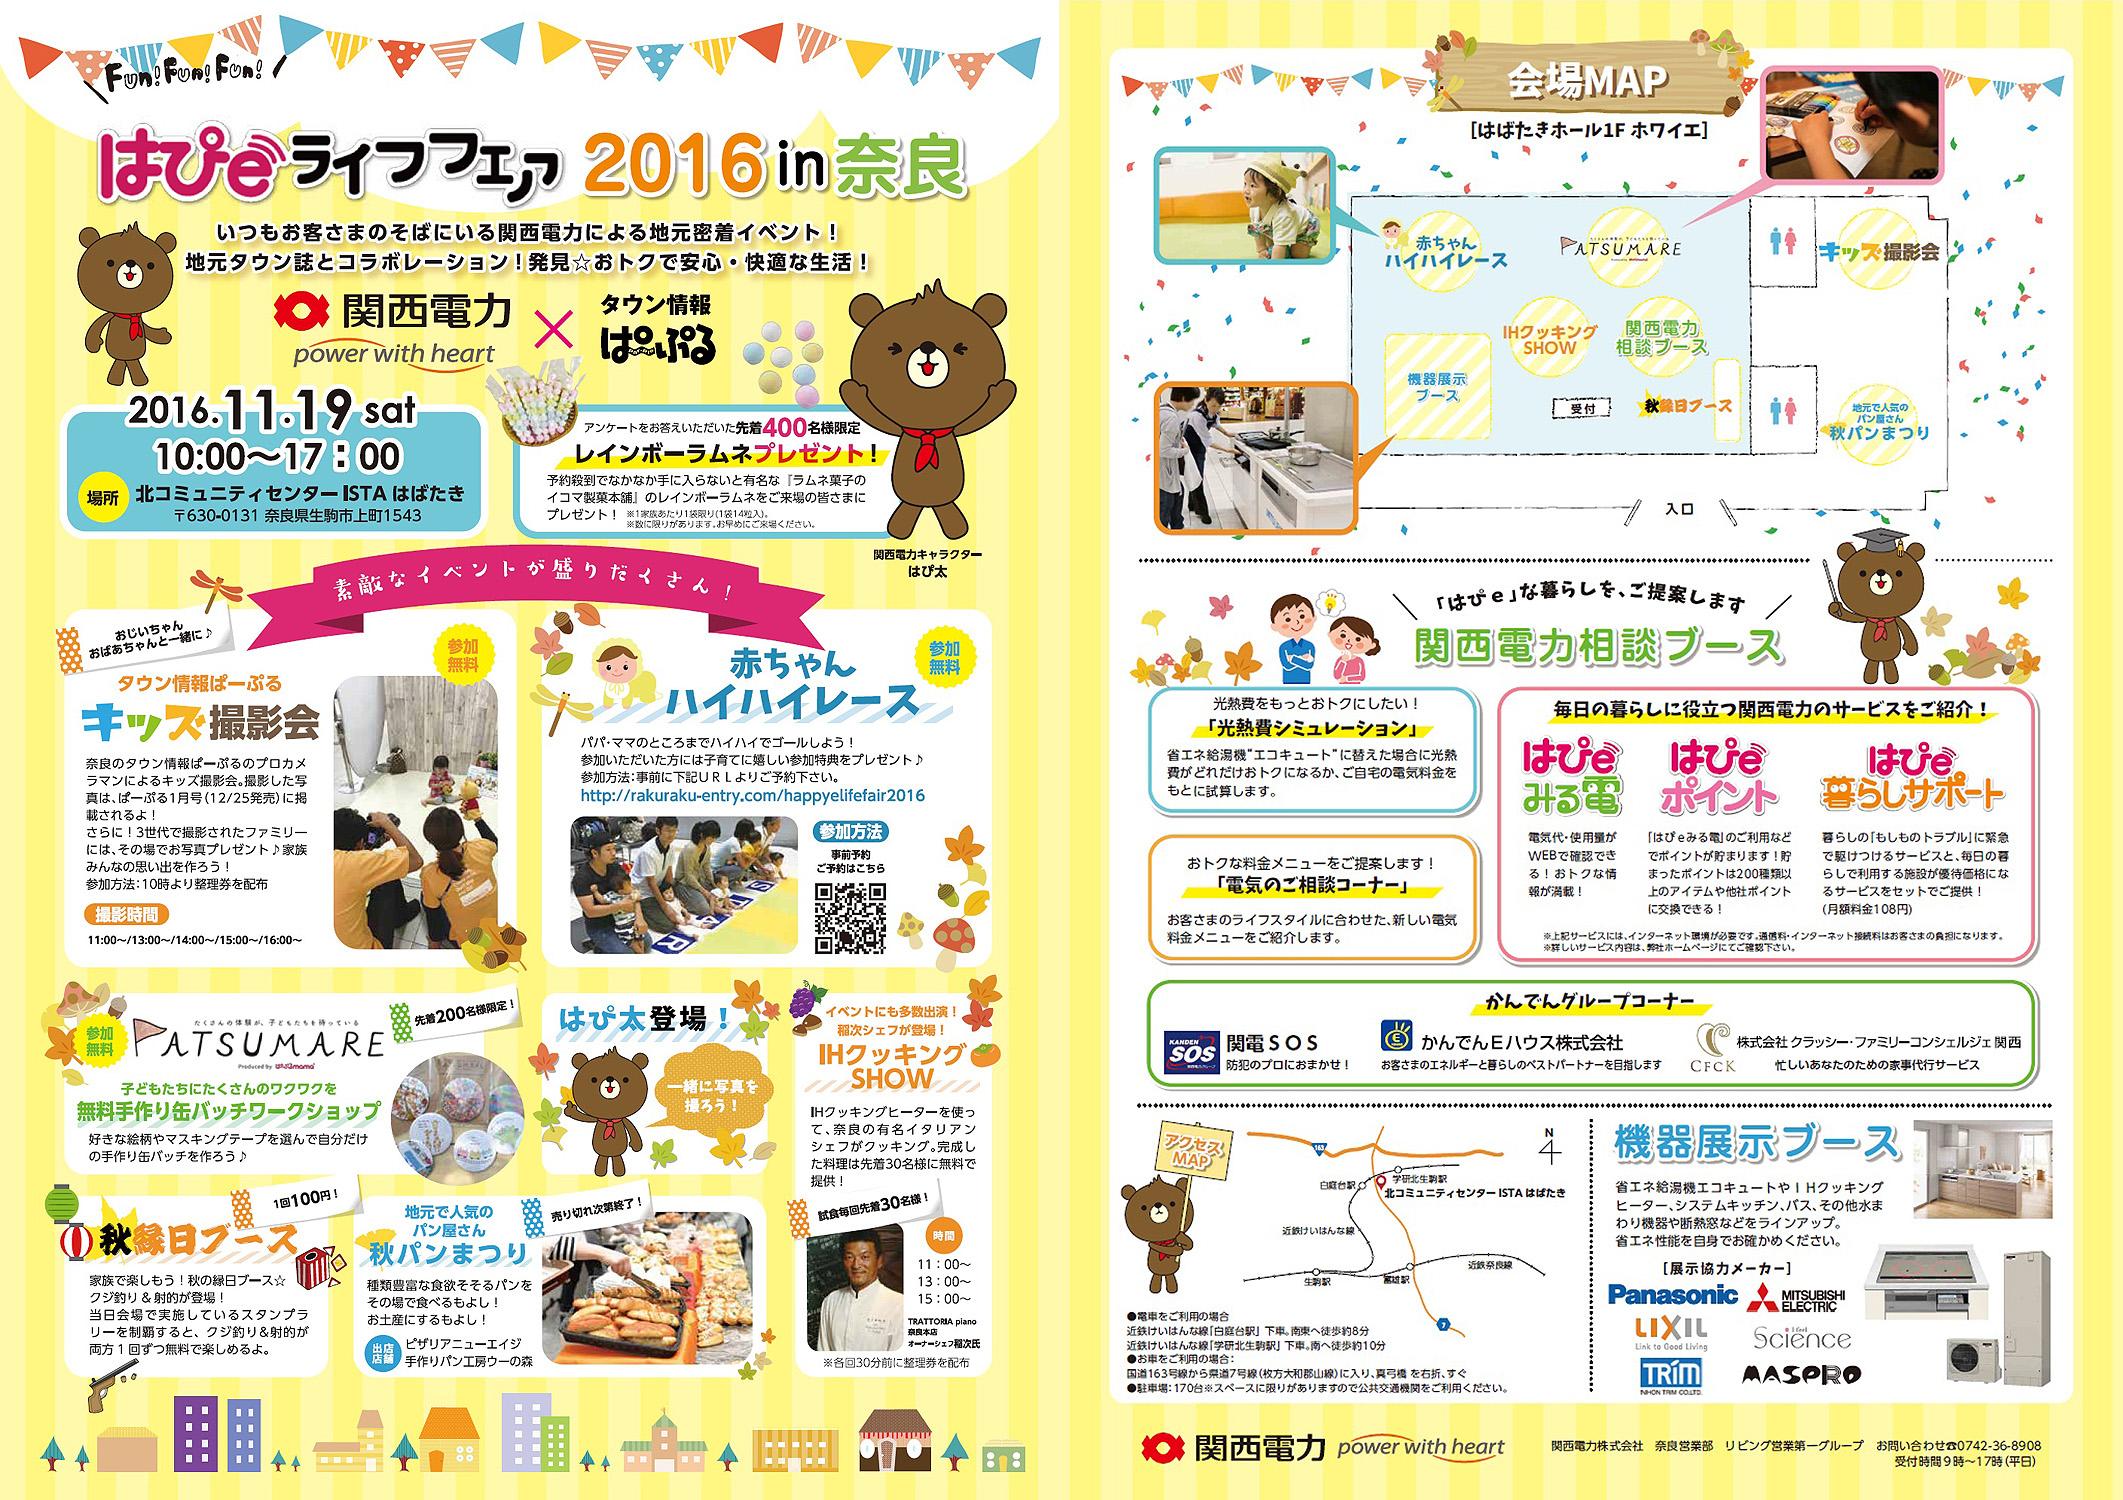 はぴe ライフフェア 2016 in 奈良